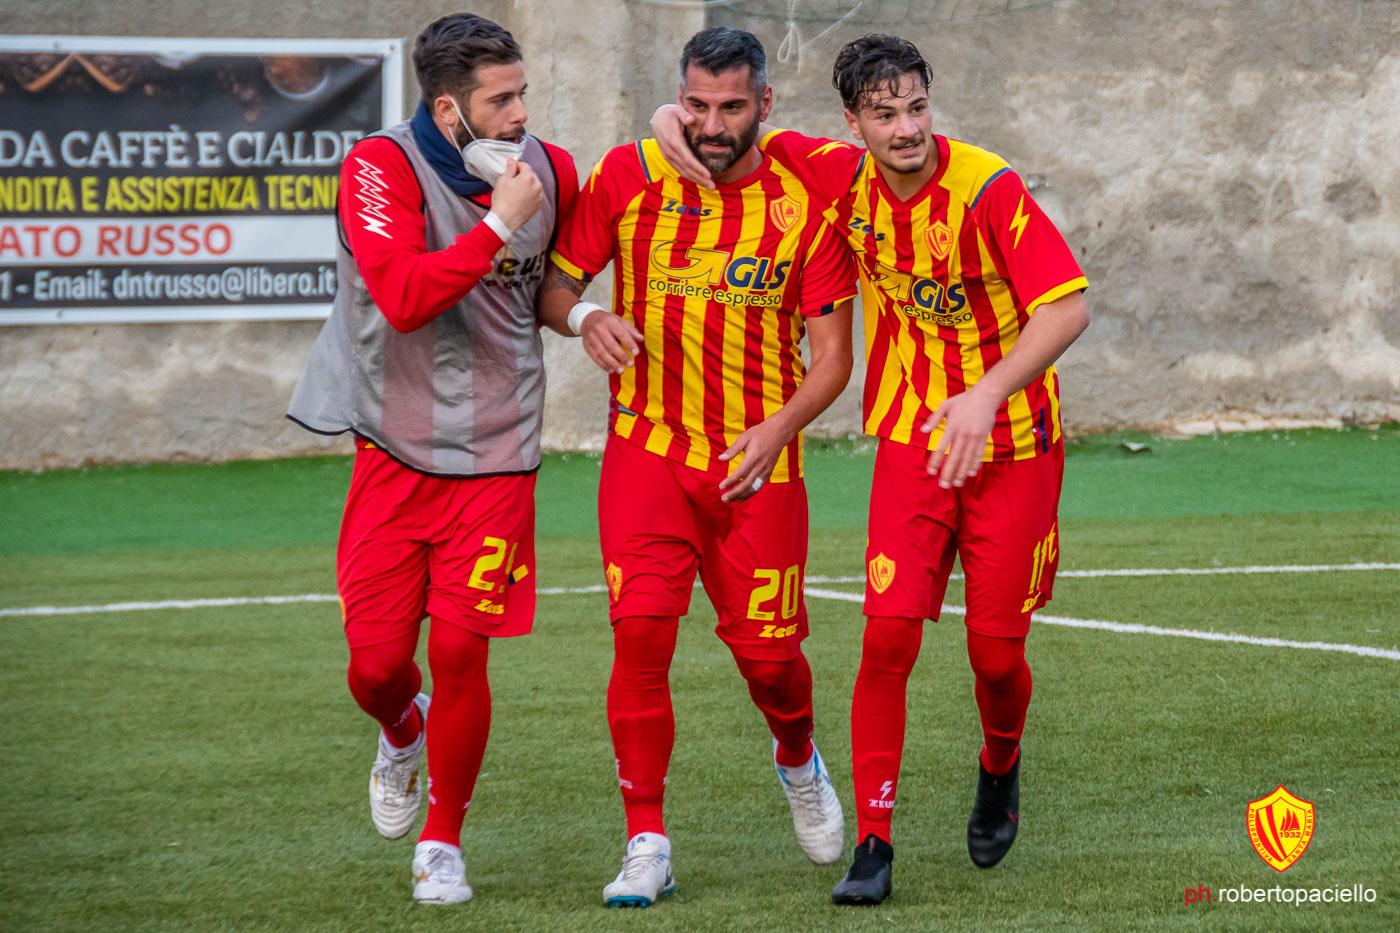 Polisportiva Santa Maria - Acr Messina, pre-gara con Ragosta